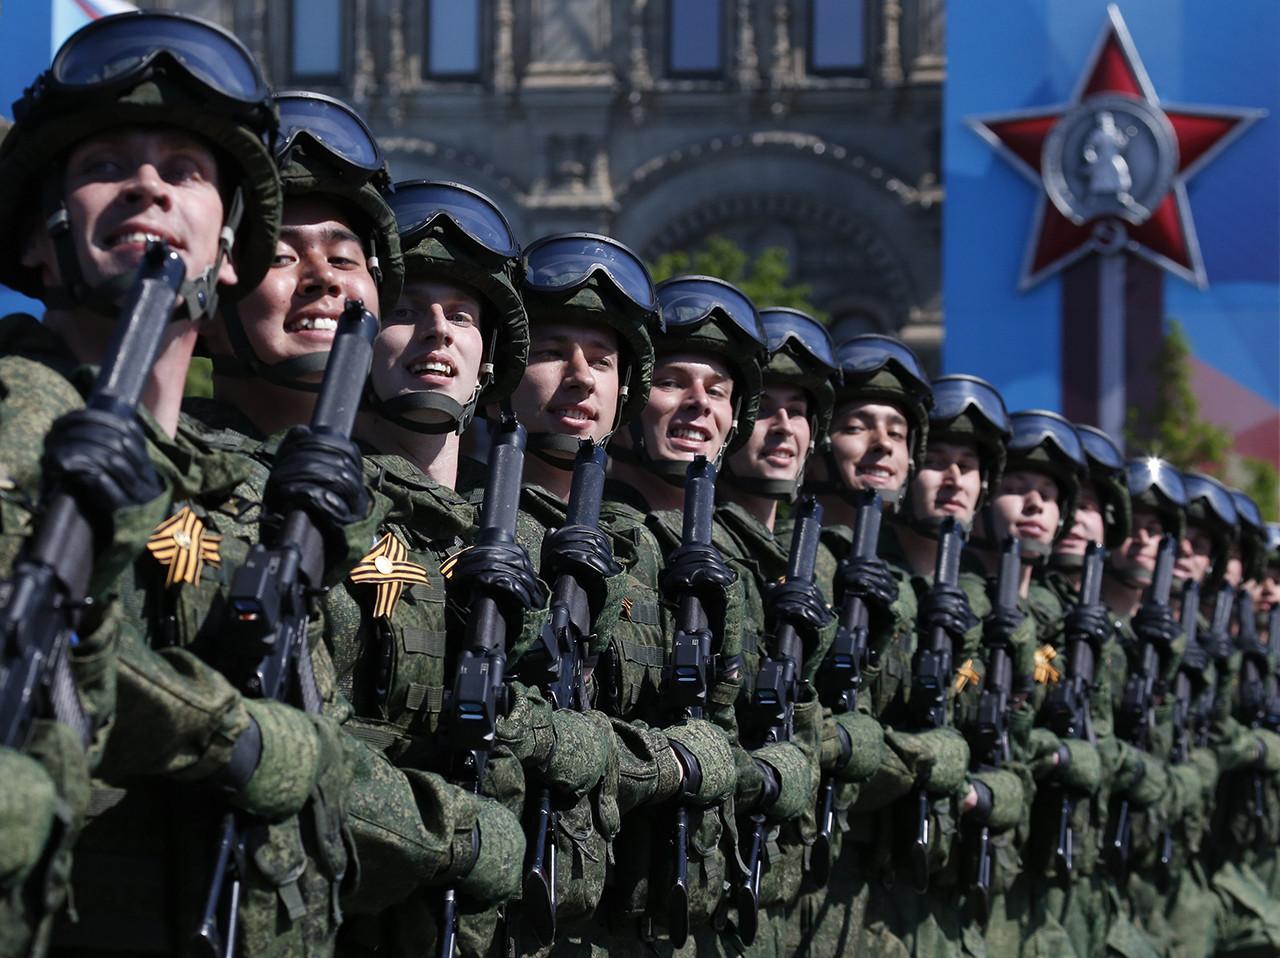 Soldados rusos participan en el desfile militar que celebra el Día de la Victoria sobre la alemania nazi, en la Plaza Roja de Moscú, Rusia. 9 de mayo de 2016.